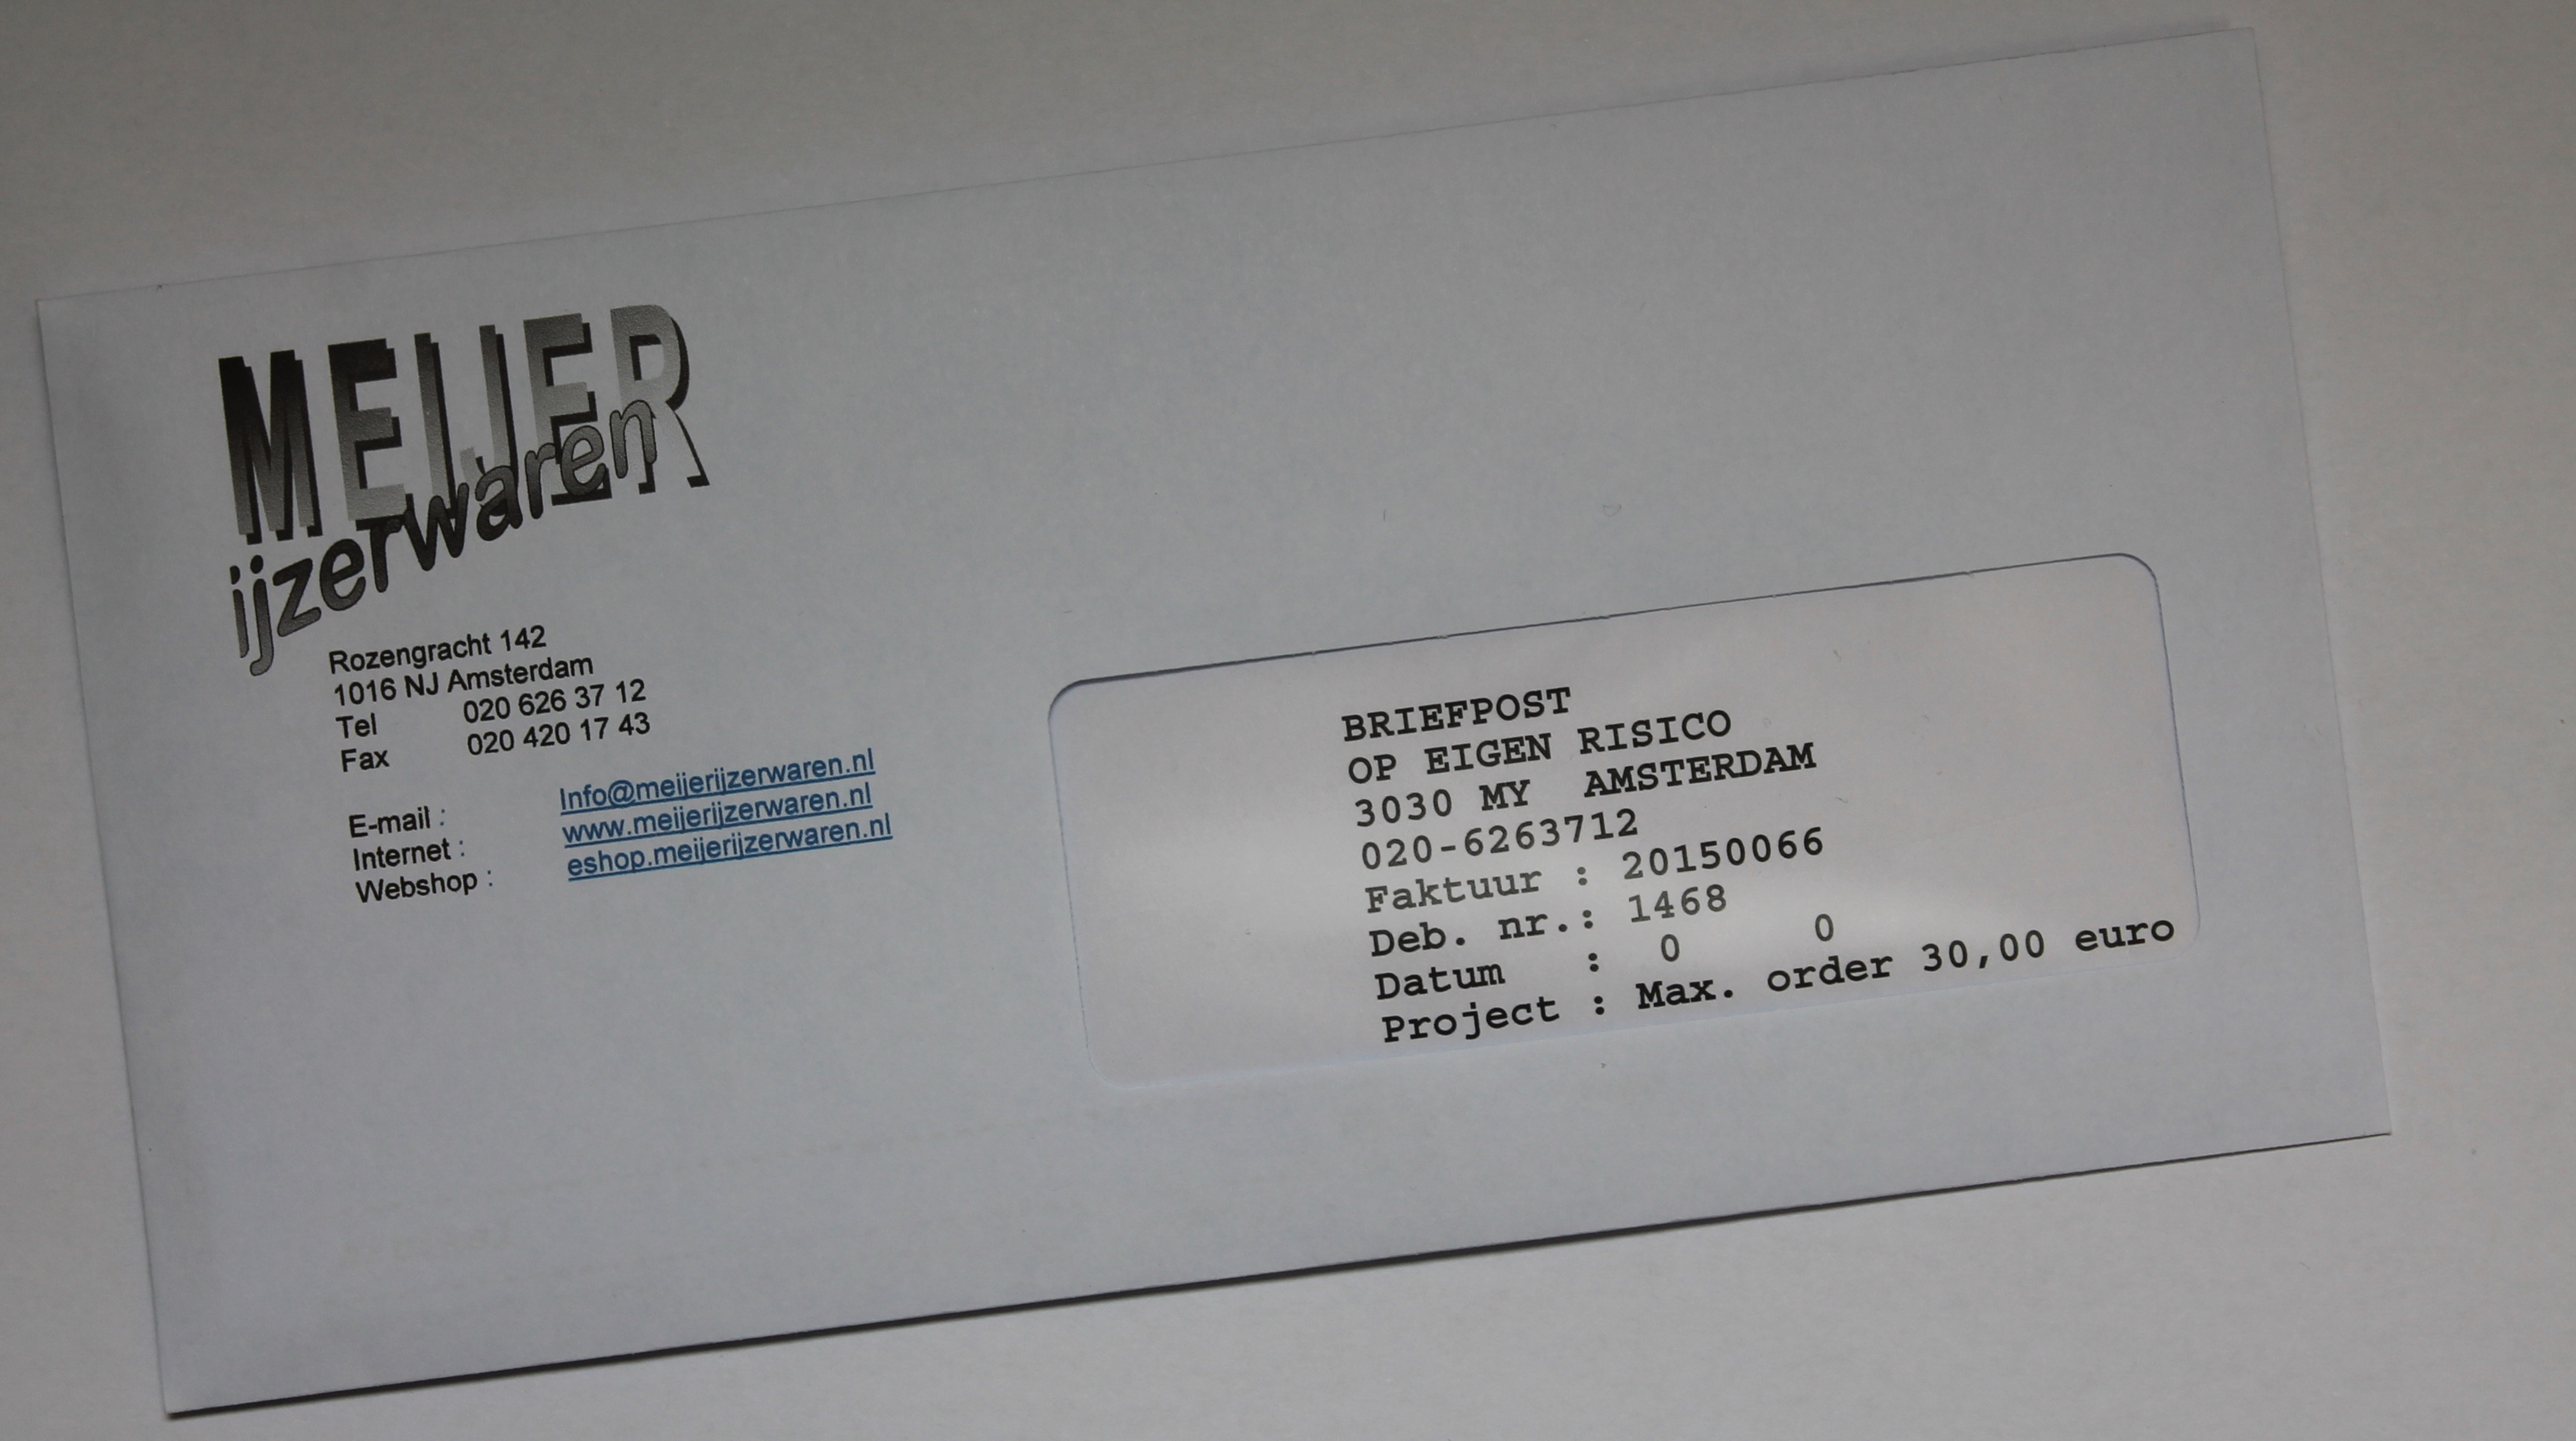 briefpost meijer